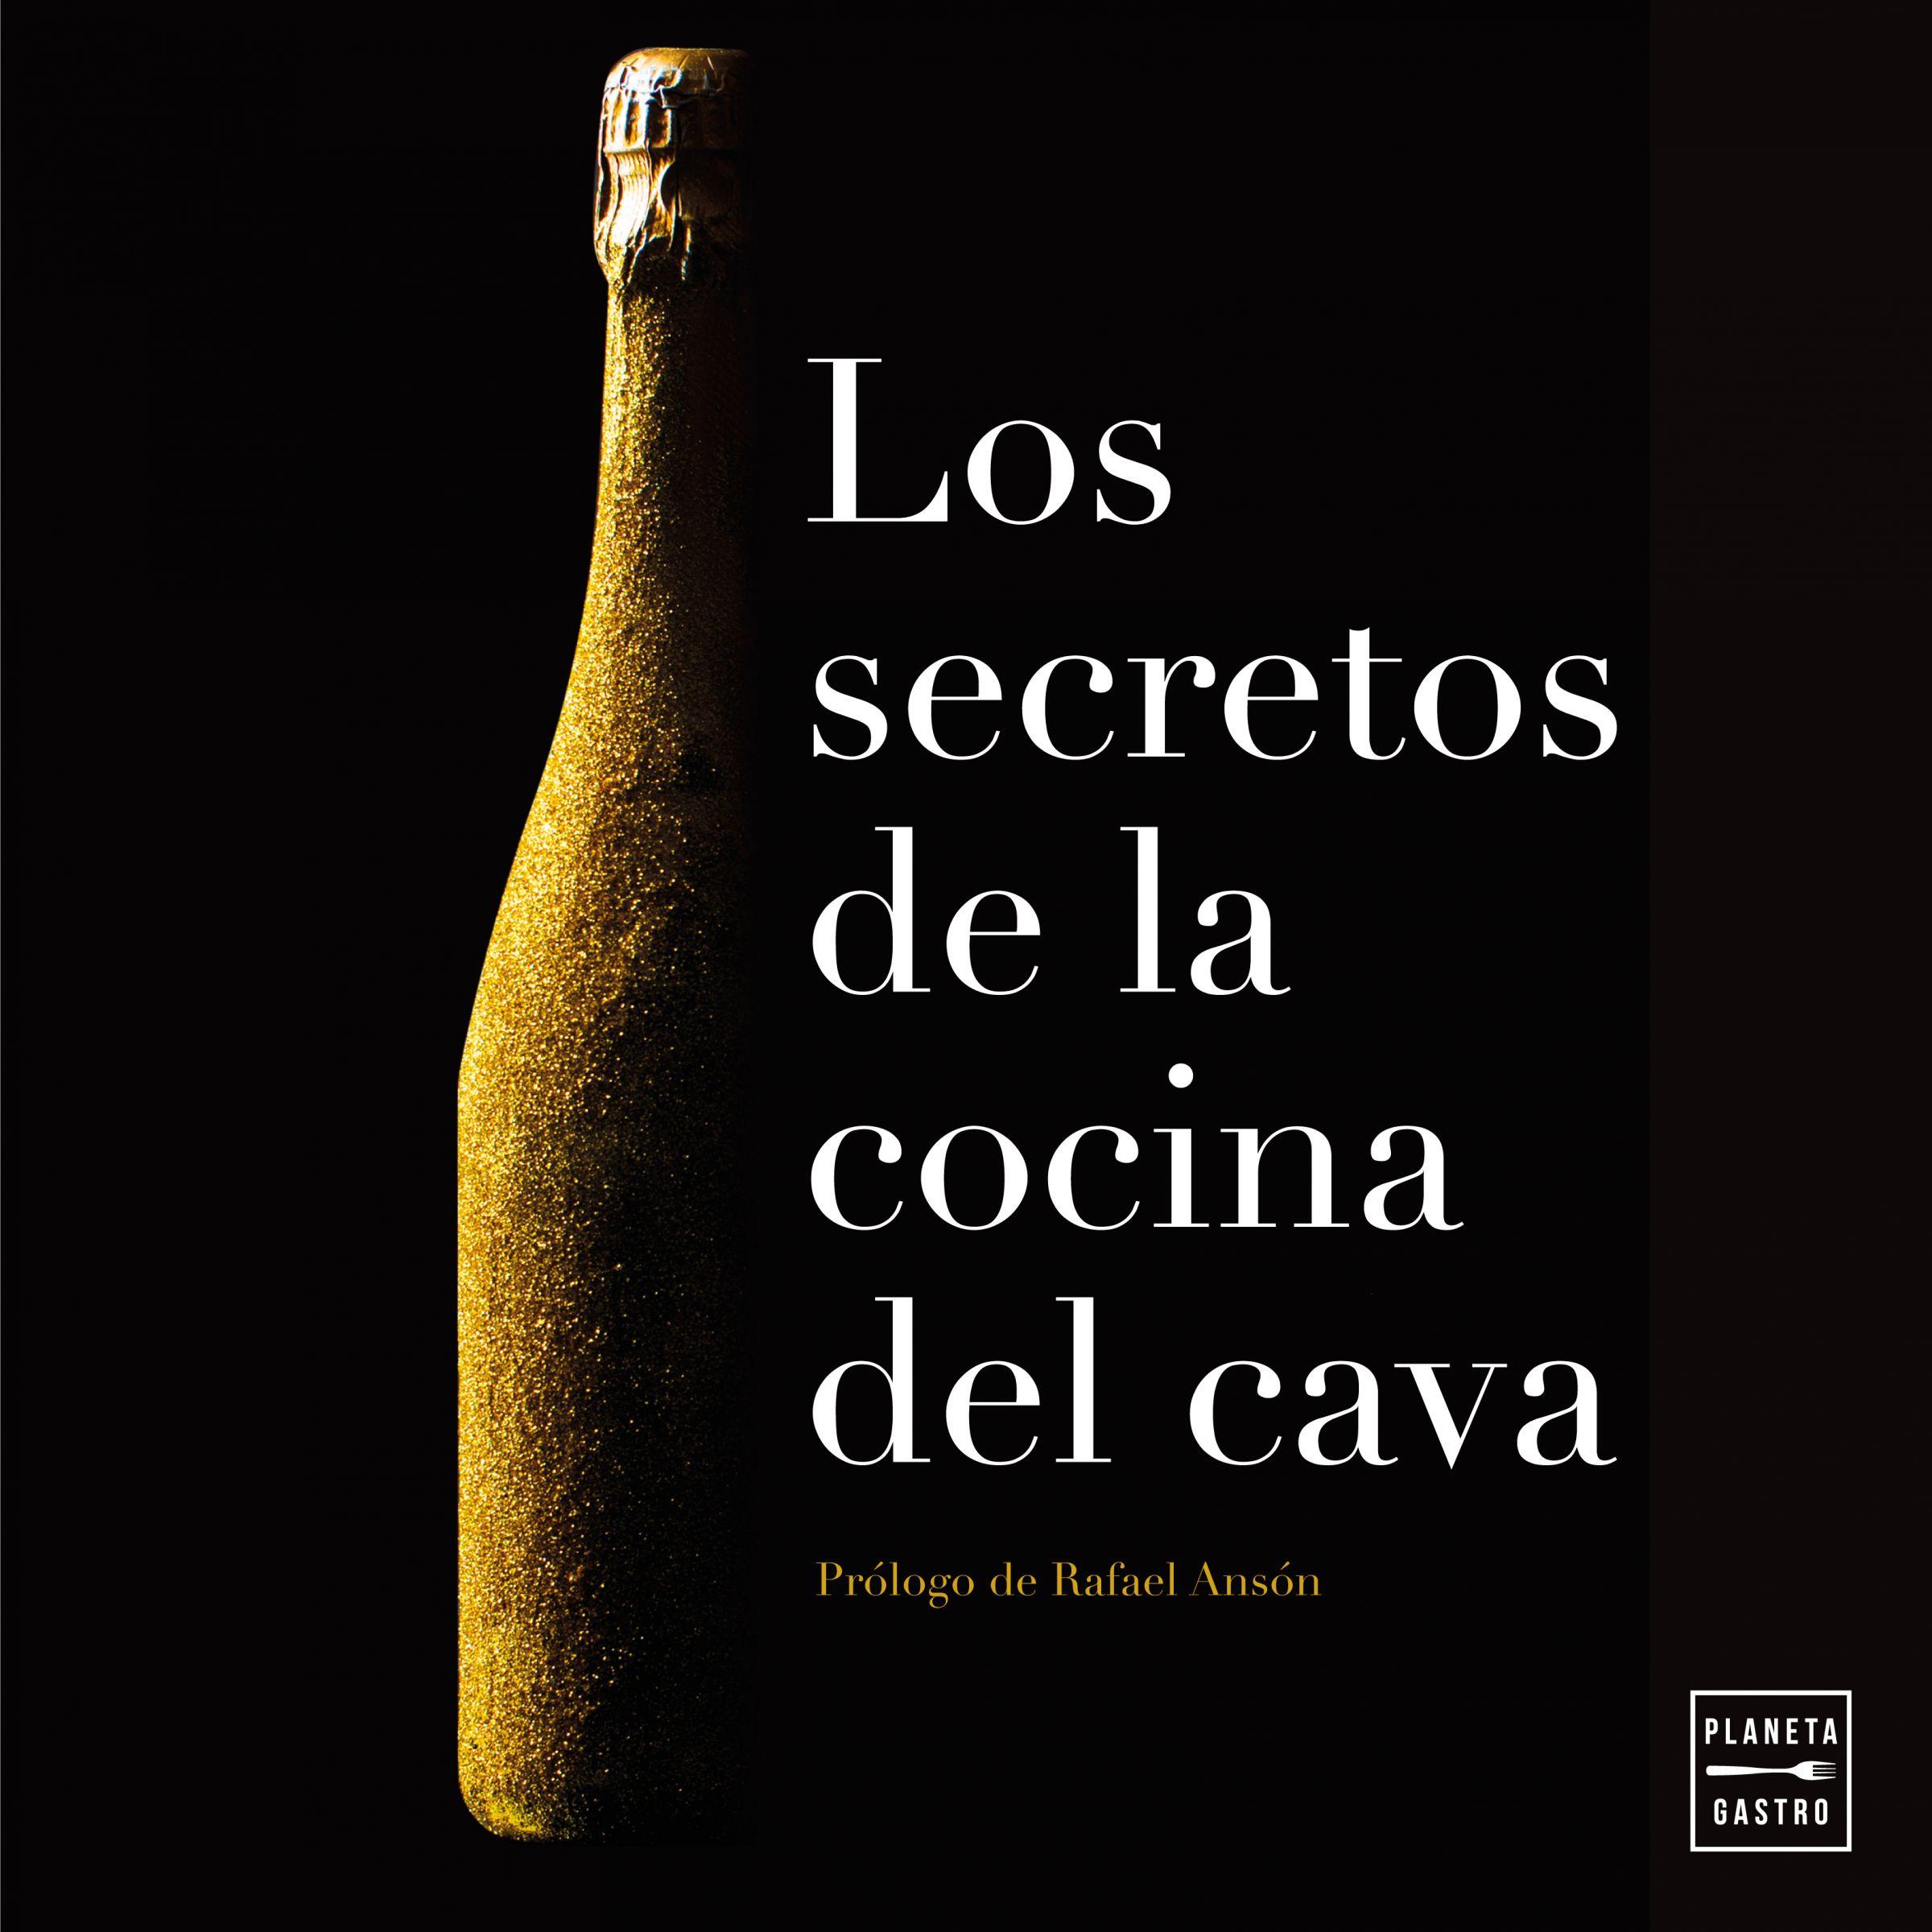 Libros de gastronomía: Los secretos de la cocina del  cava